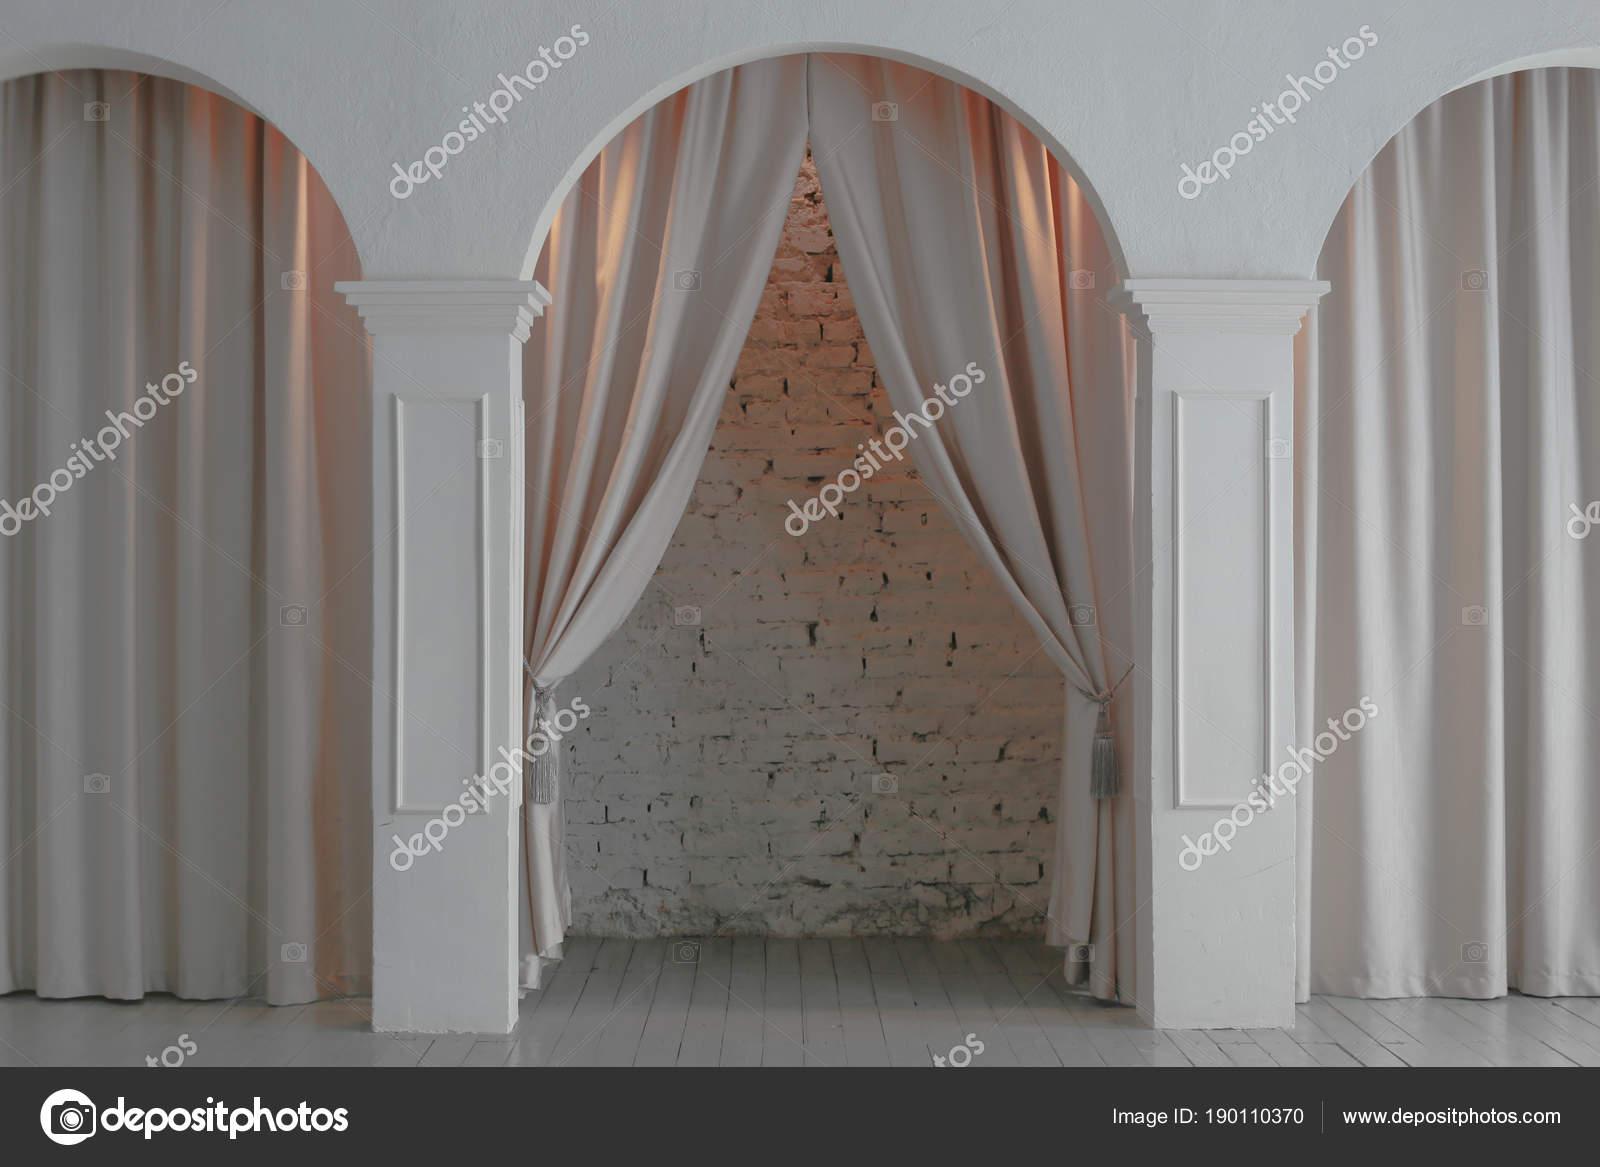 Interieur Mit Säulen, Bögen Und Vorhänge Mit Beleuchtung U2014 Foto Von Yunafoto